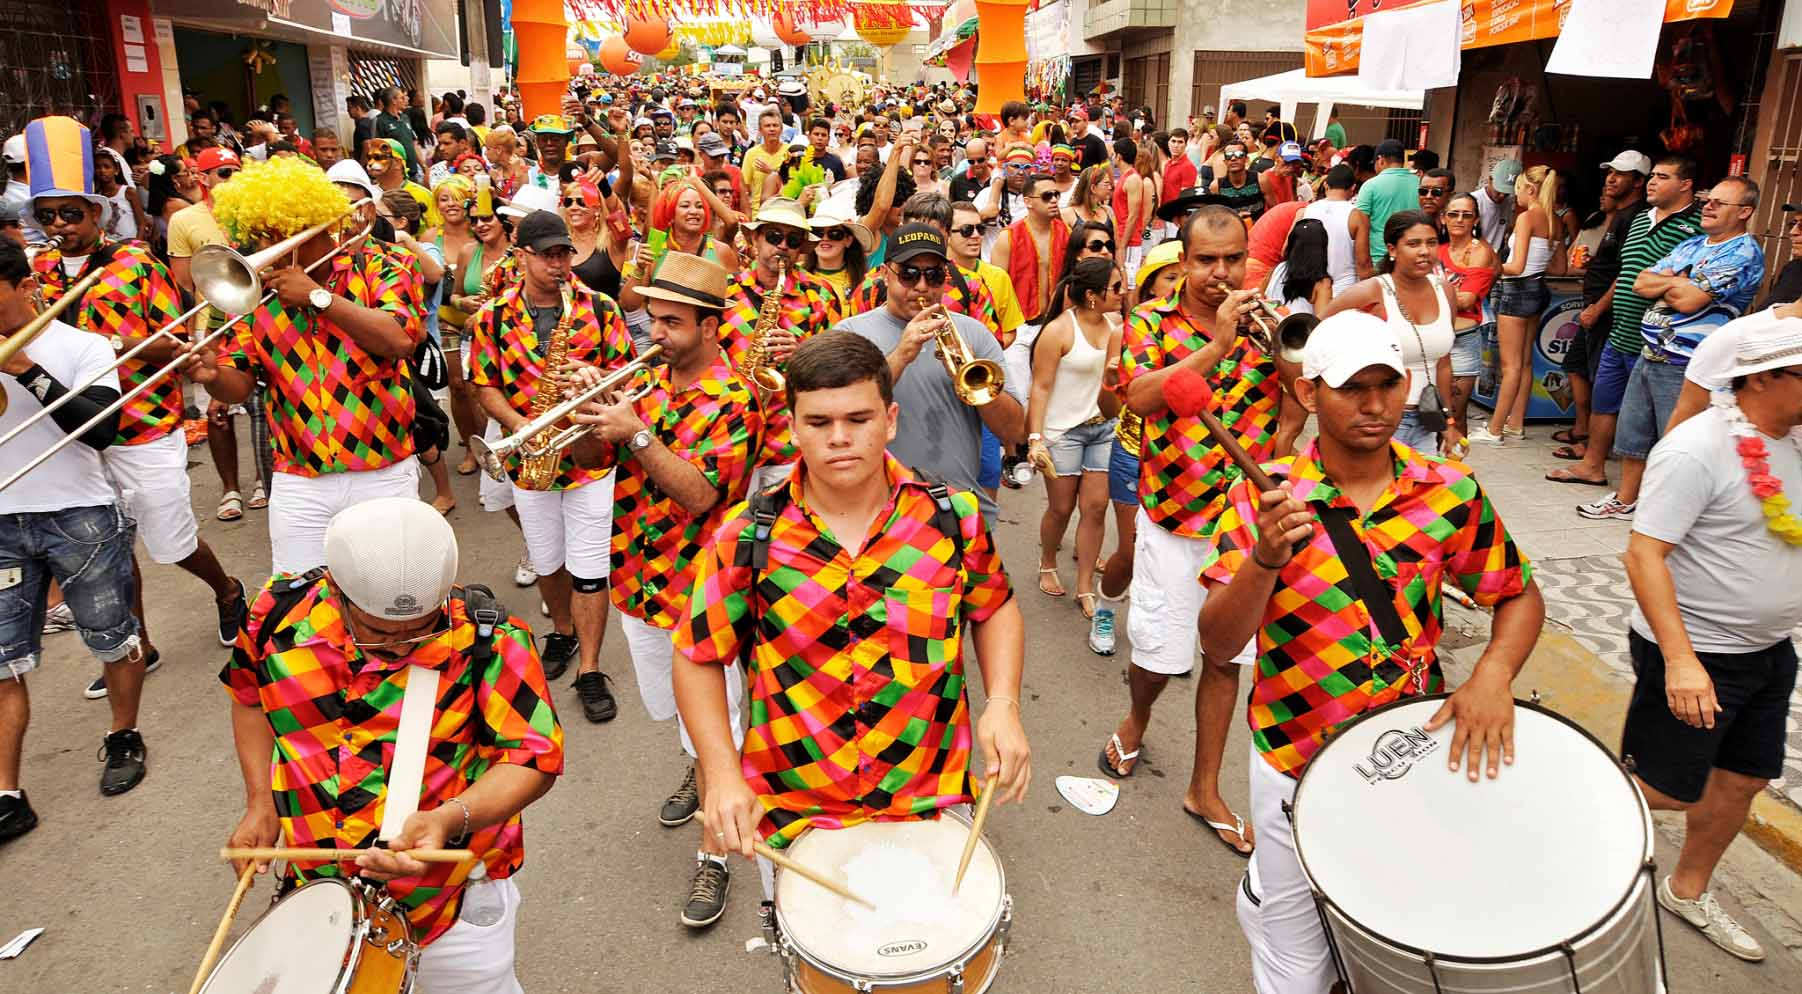 Bli med til karneval i Brasil